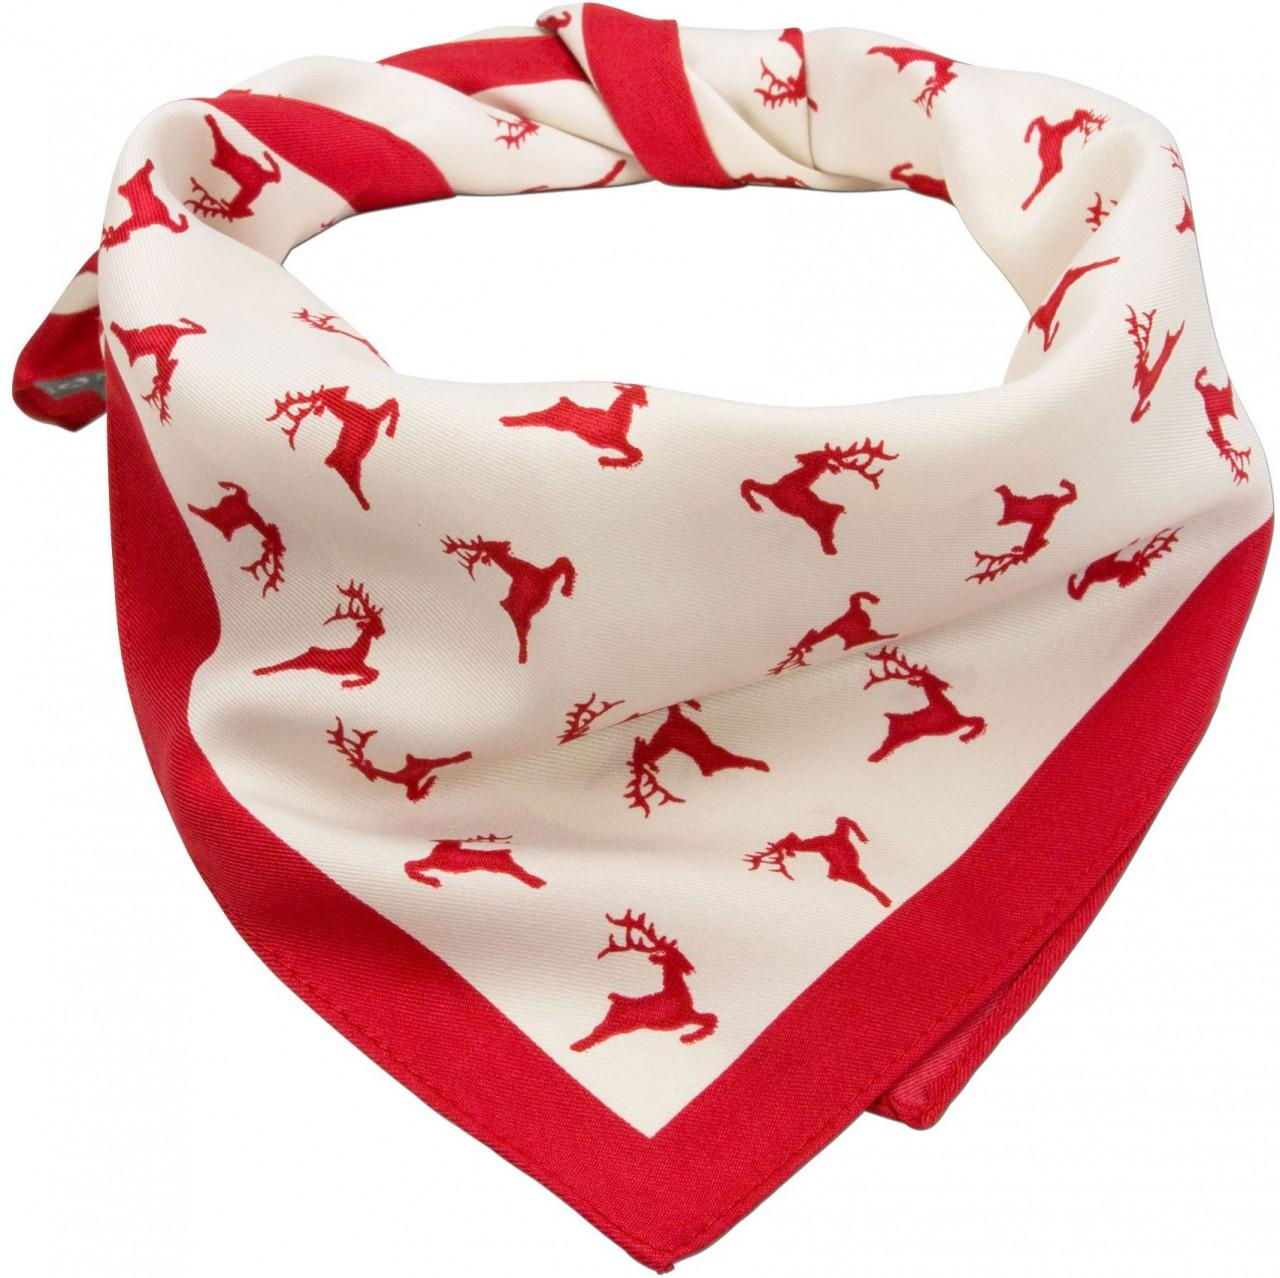 Traditionele doek Hirschfestl rood